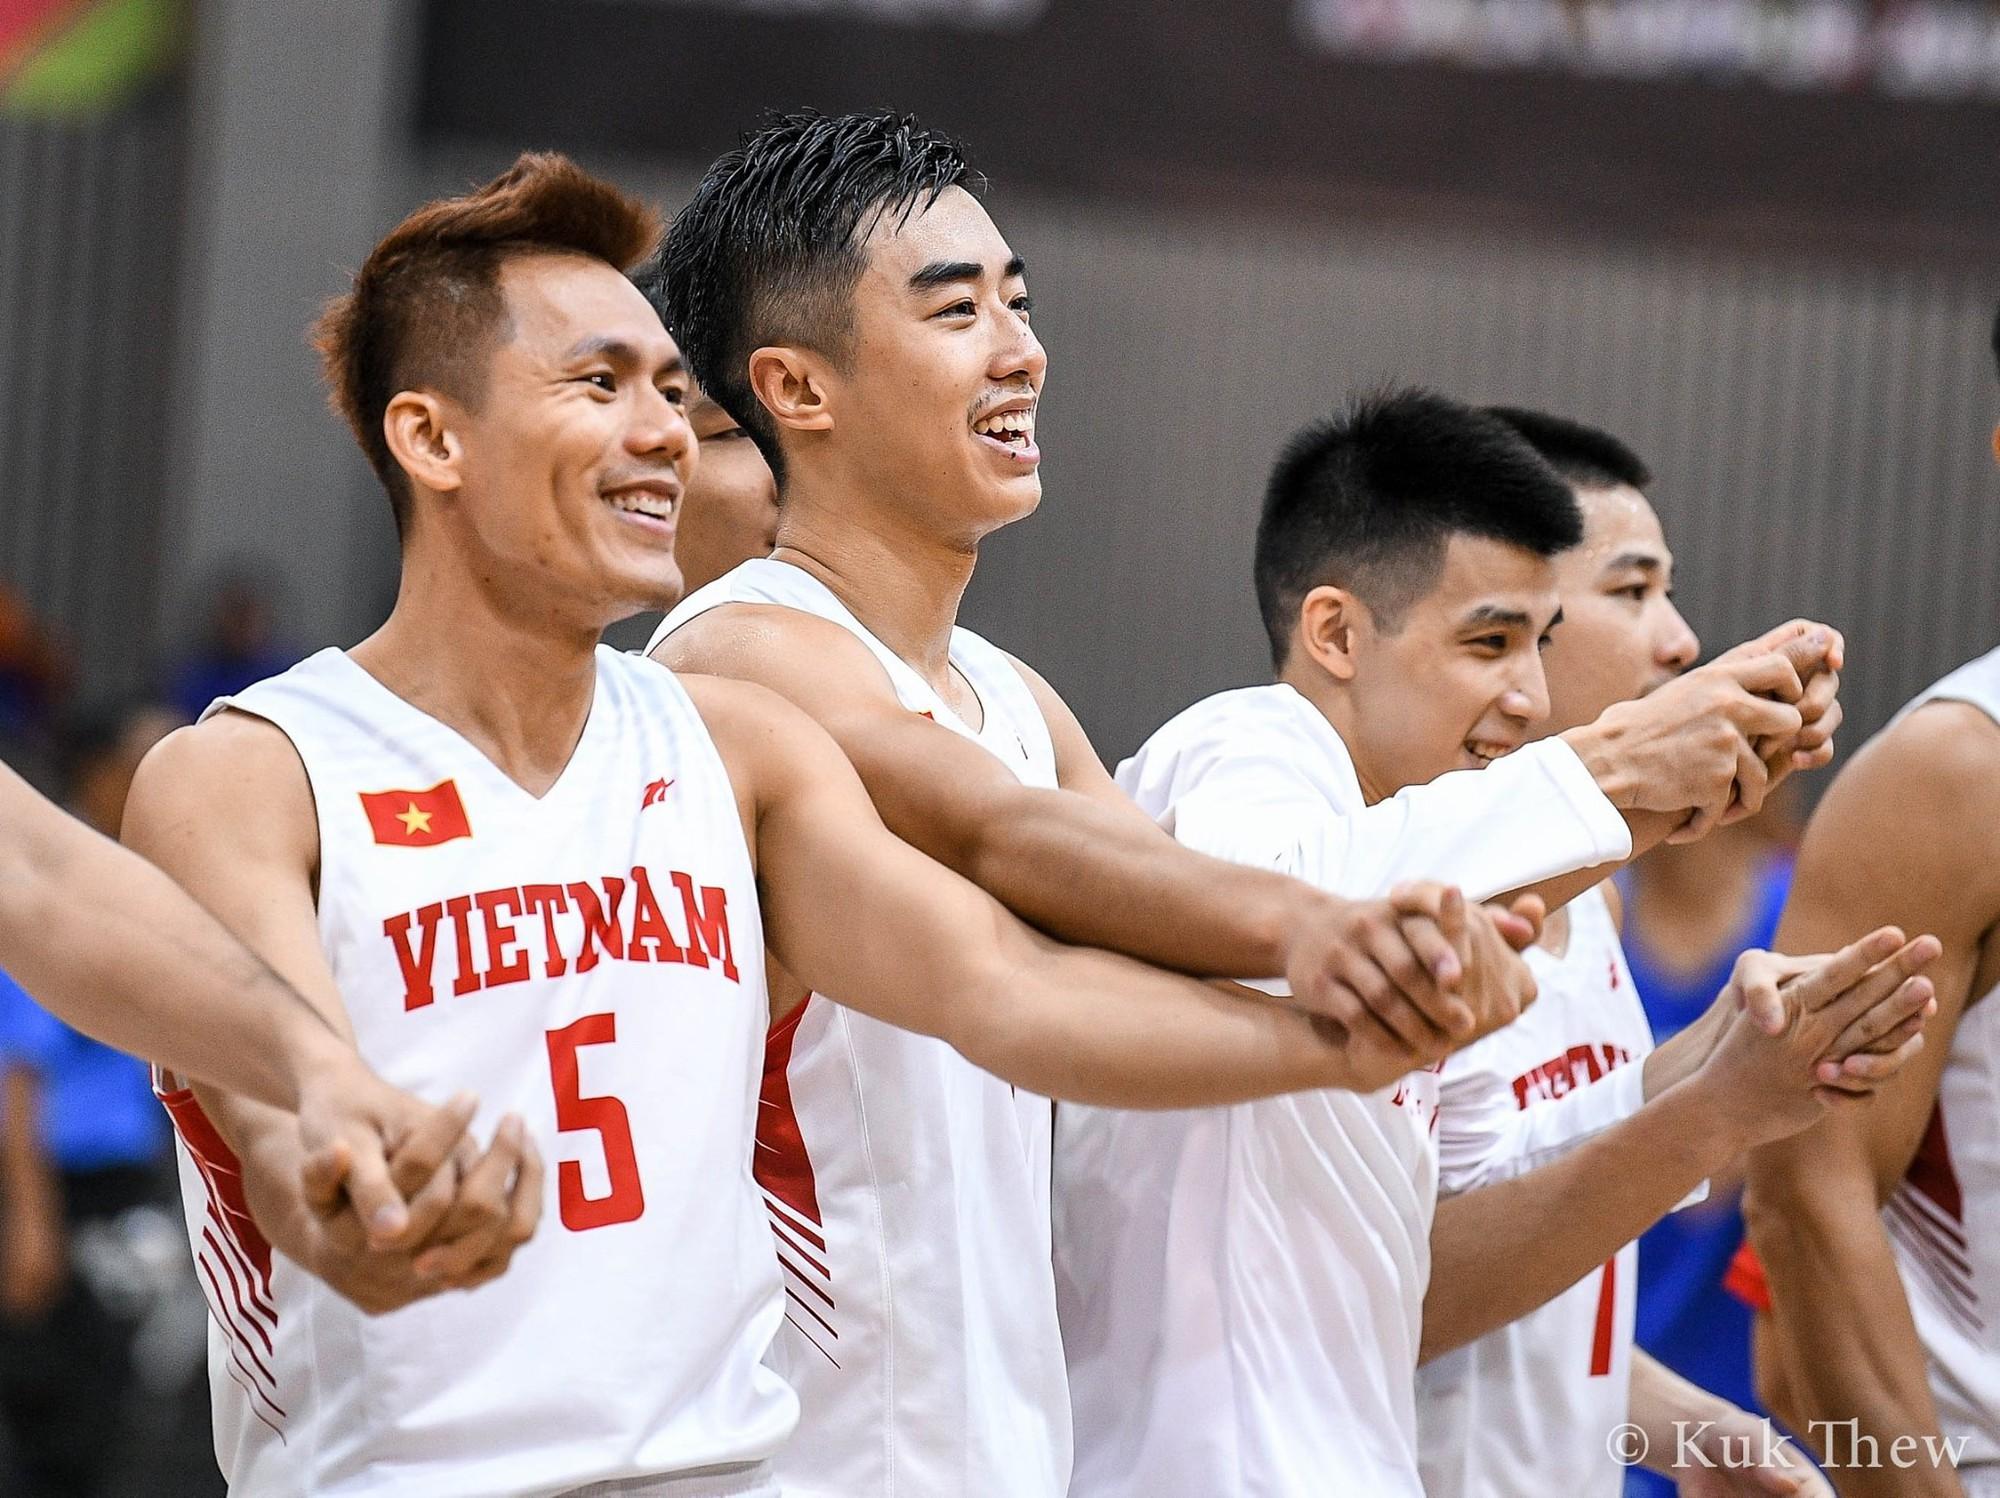 Stefan Nguyễn: Từ một cầu thủ bóng rổ nhà nghề ở Thụy Điển đến người con trở về Việt Nam vì lời hứa với mẹ - Ảnh 4.